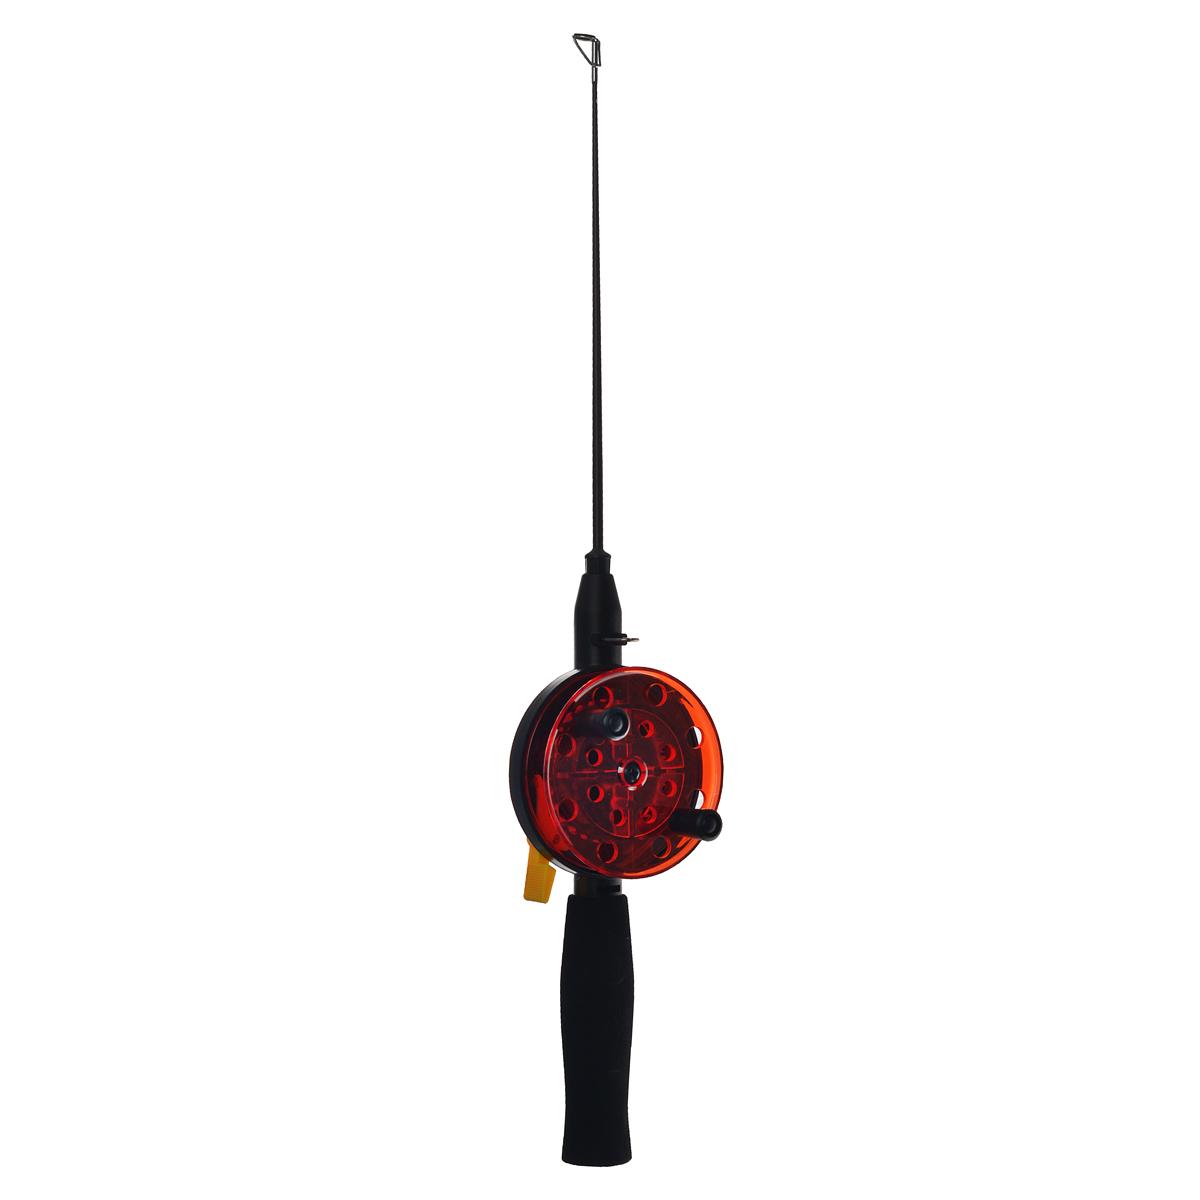 Удочка зимняя SWD HR103, цвет: черный, красный, d 54 мм, ручка неопрен 10 см, хл -кар 20 см28381Зимняя удочка SWD HR103 с открытой катушкой диаметром 54 мм и клавишным стопором. Оснащена карбоновым хлыстом длиной 20 см с тюльпаном на конце. Ручка выполнена из неопрена.